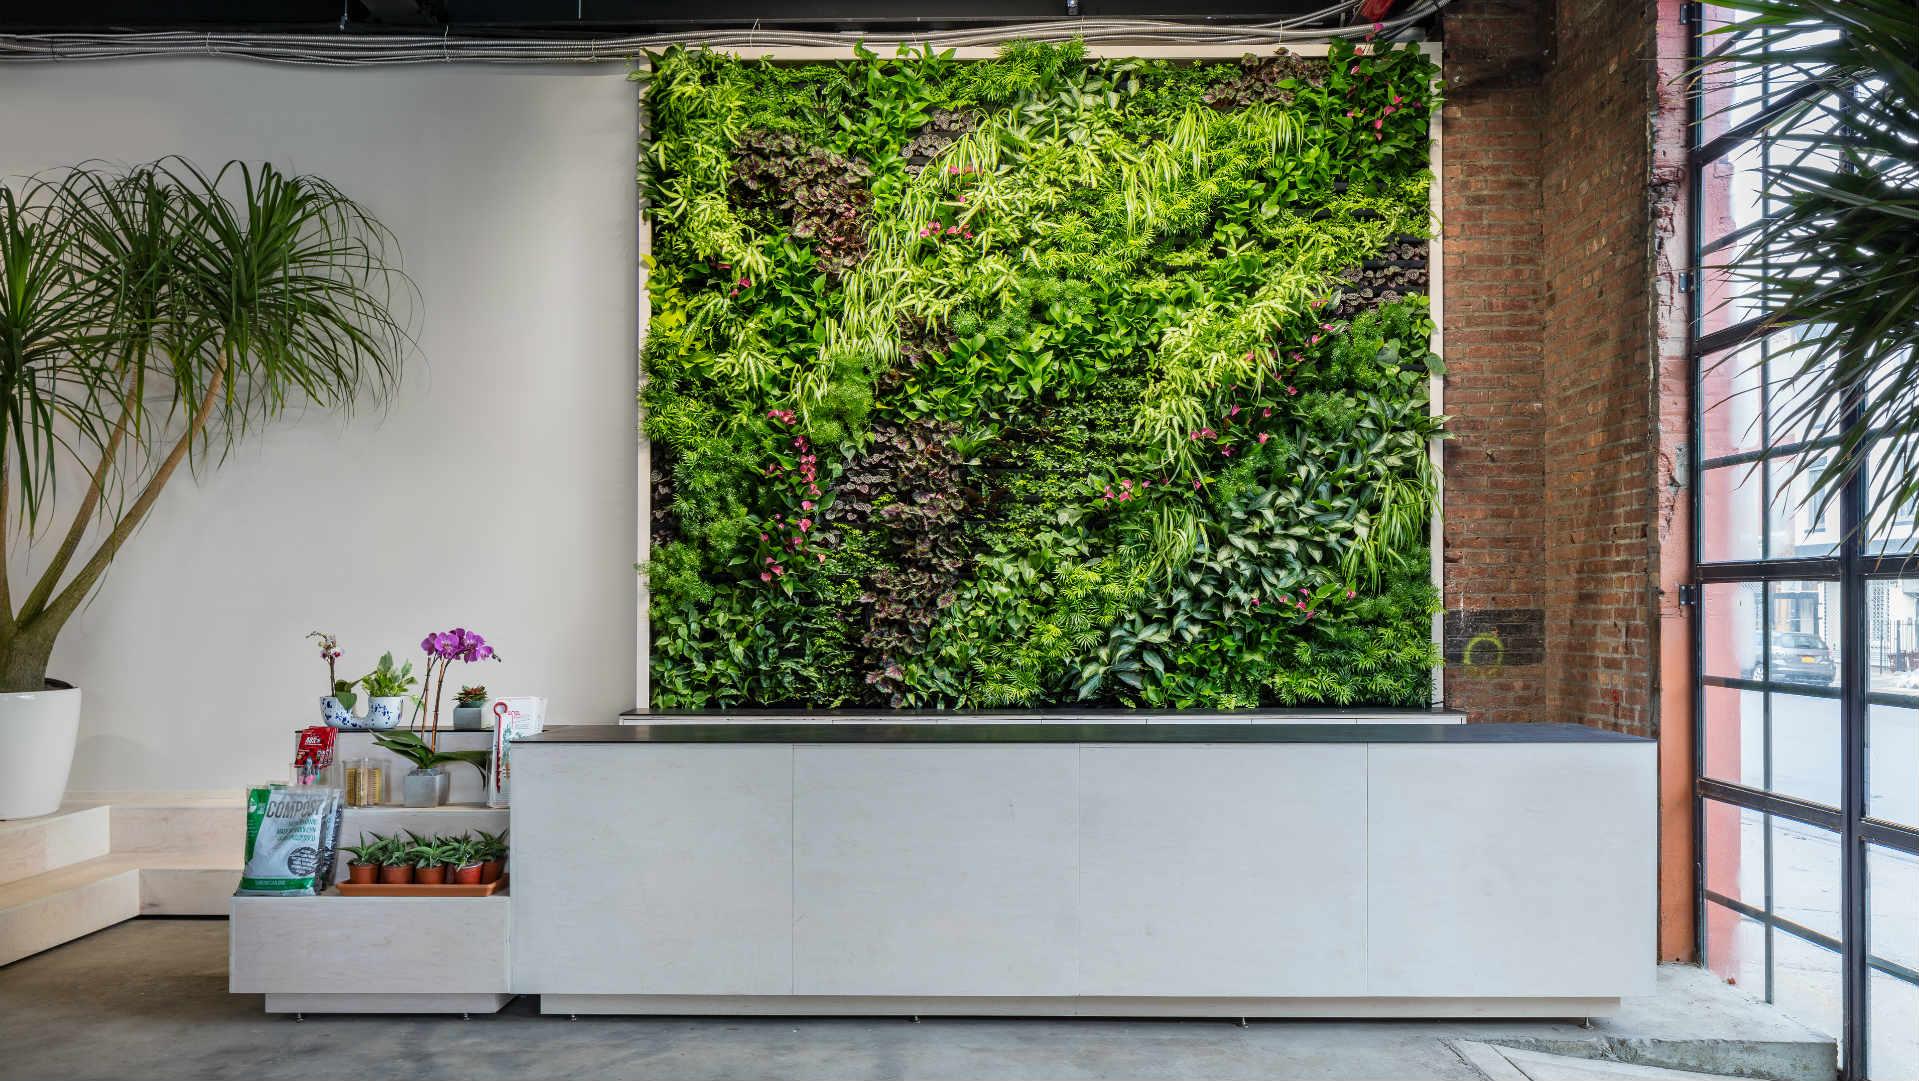 Greenery Unlimited: World's first Biophilic Design Store ... on ecological design, media design, office design, boom gate design, water design, organic architecture design, principles of design, evidence-based design, landscape design, barrier design,